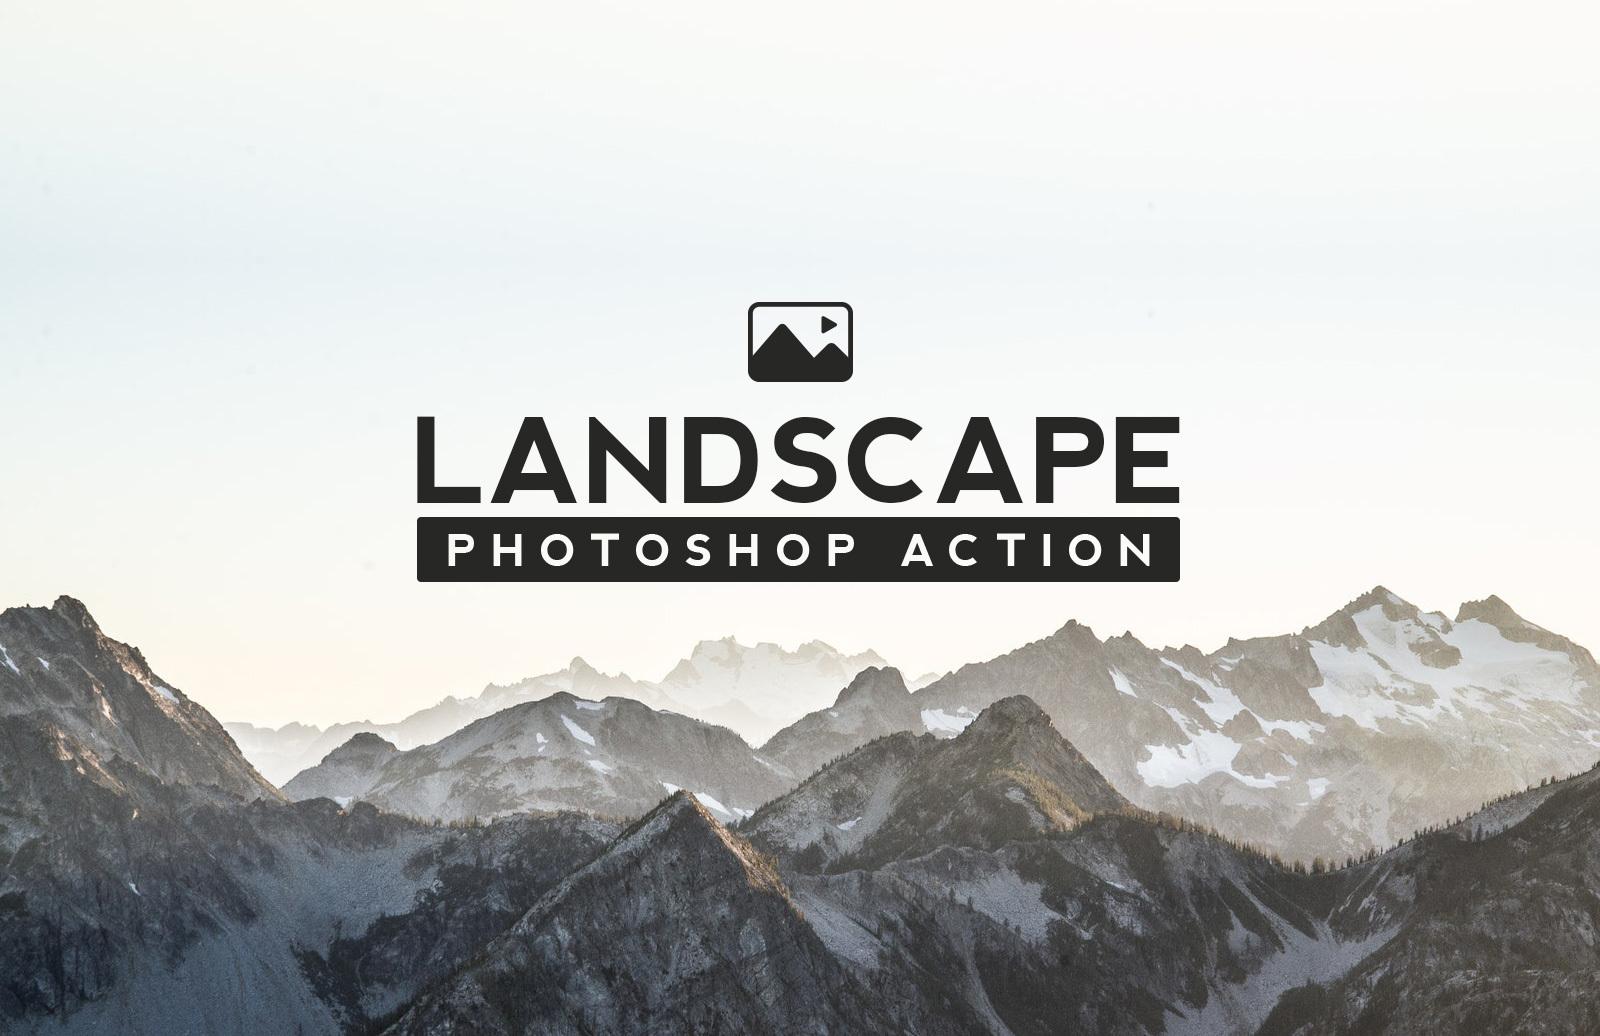 Landscape Photoshop Action Preview 1